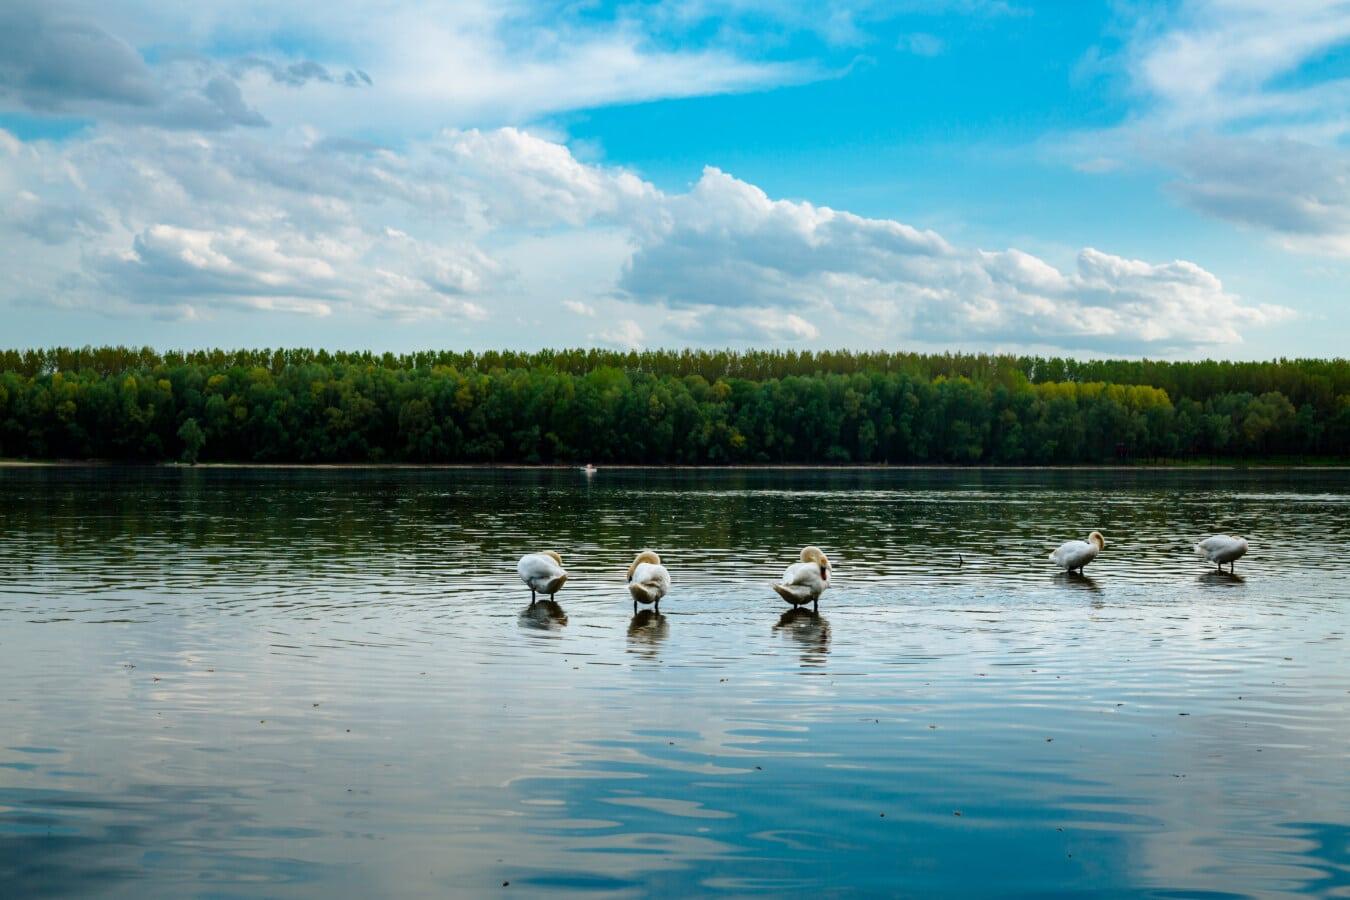 labuť, řeka, ráno, stádo, divoká zvěř, příroda, pták, voda, jezera, pobřeží